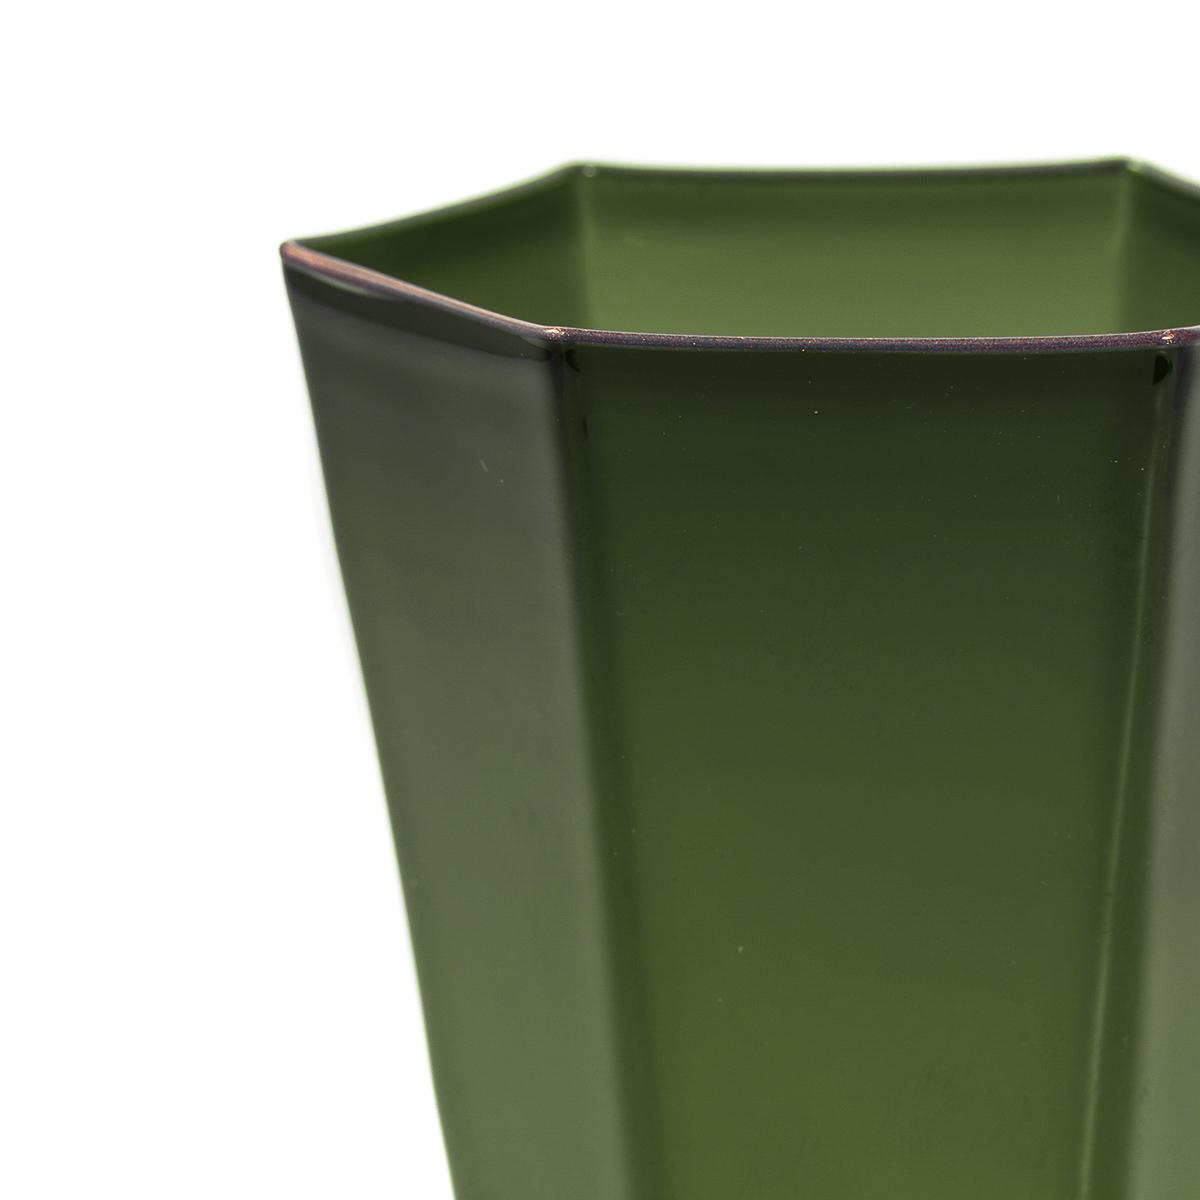 laguna-glass-green-avventurina-rim-giberto-handmade-murano-wine-luxury